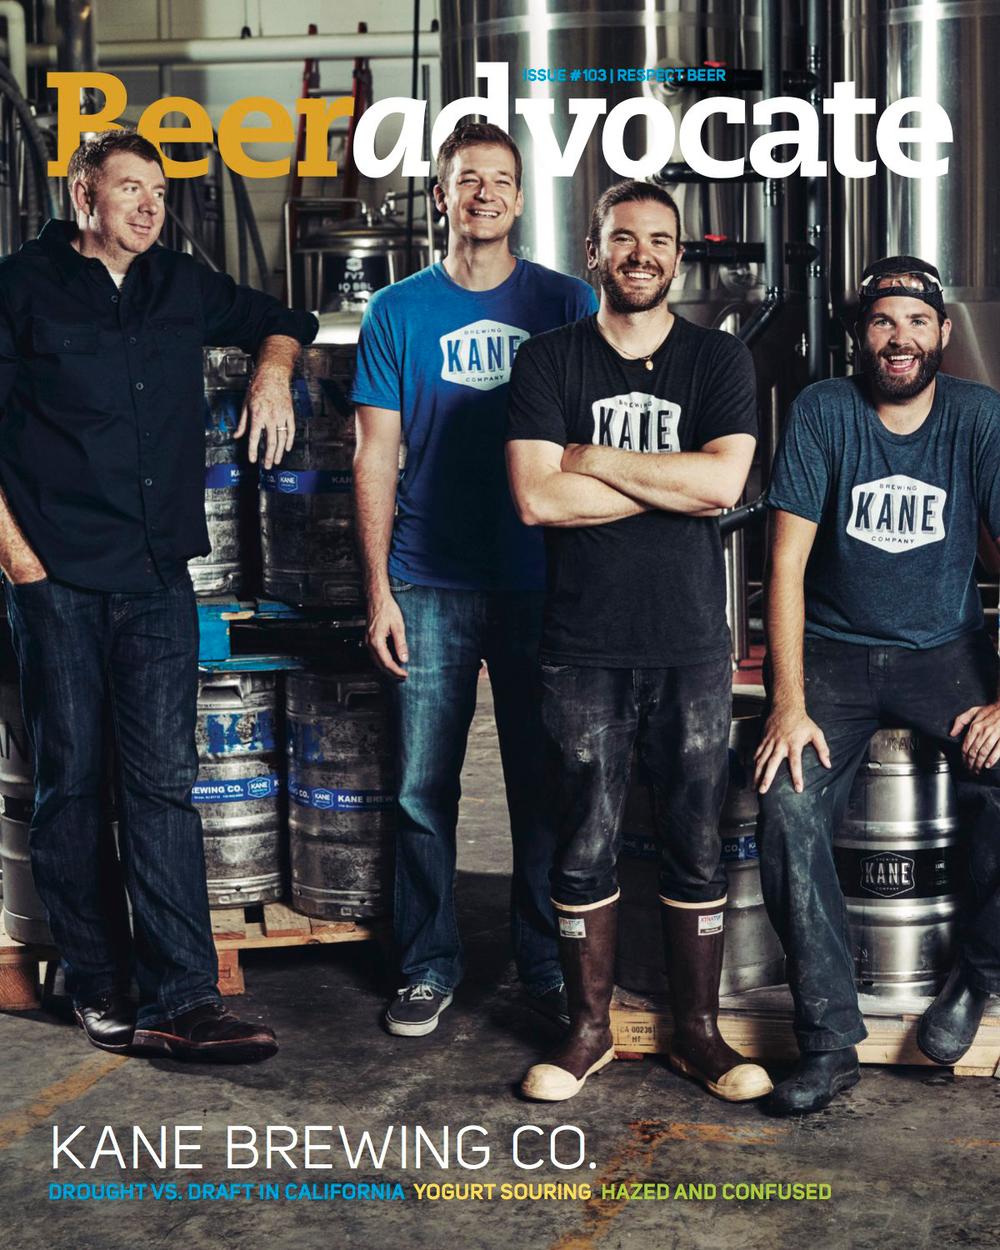 Beer Advocate #103 - Kane Brewing